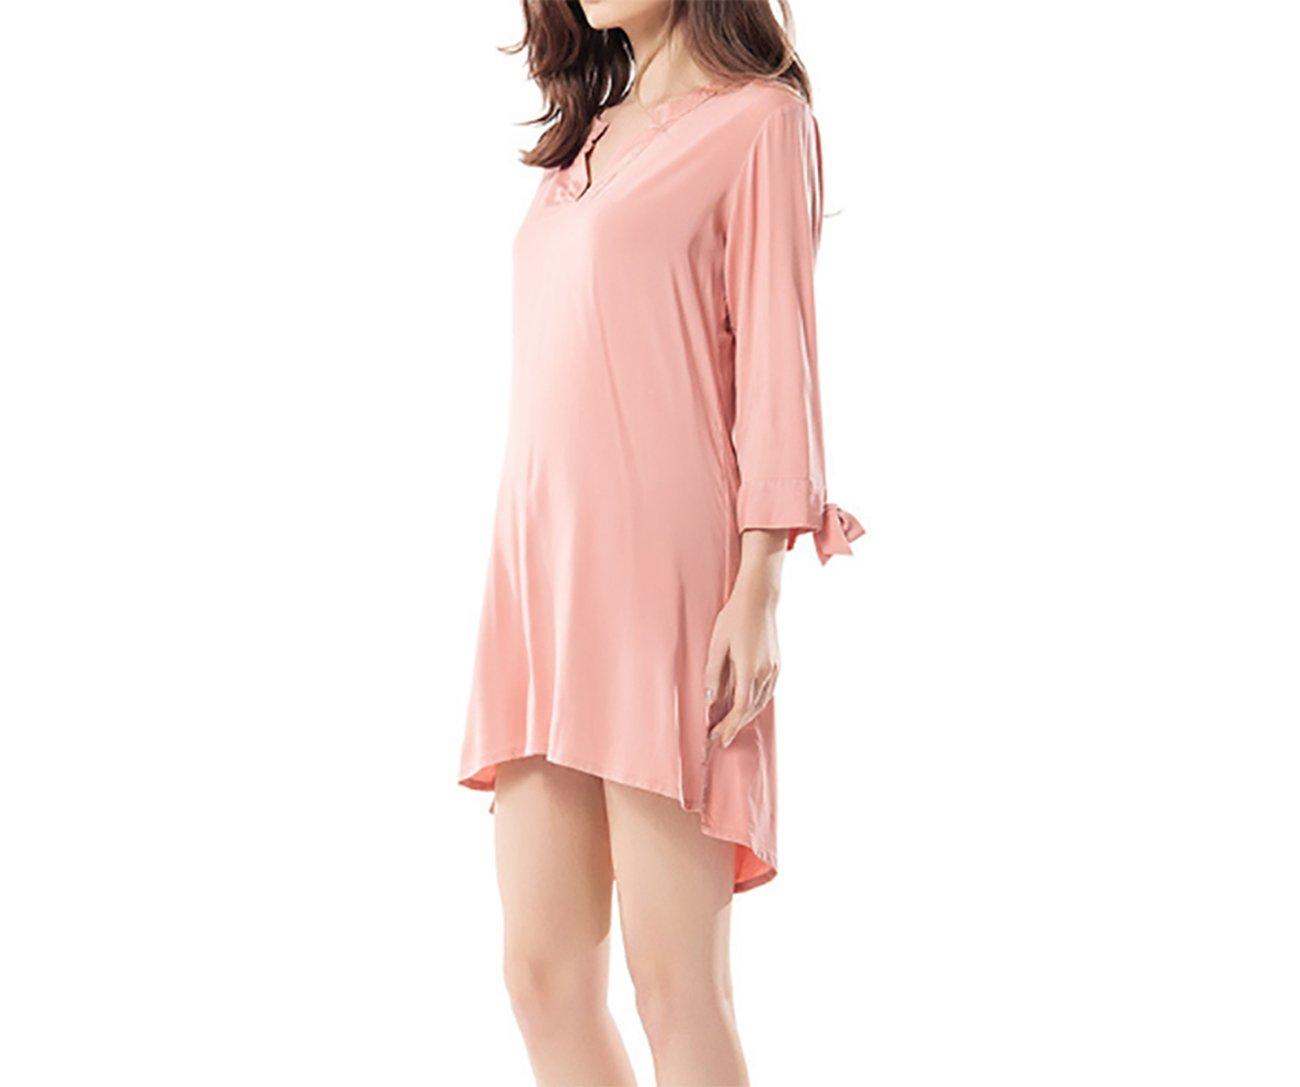 Pijamas de verano de las señoras camisón de algodón de las señoras pijamas lindos flojos pijamas ocasionales caseros del servicio de la casa (Color : Light ...